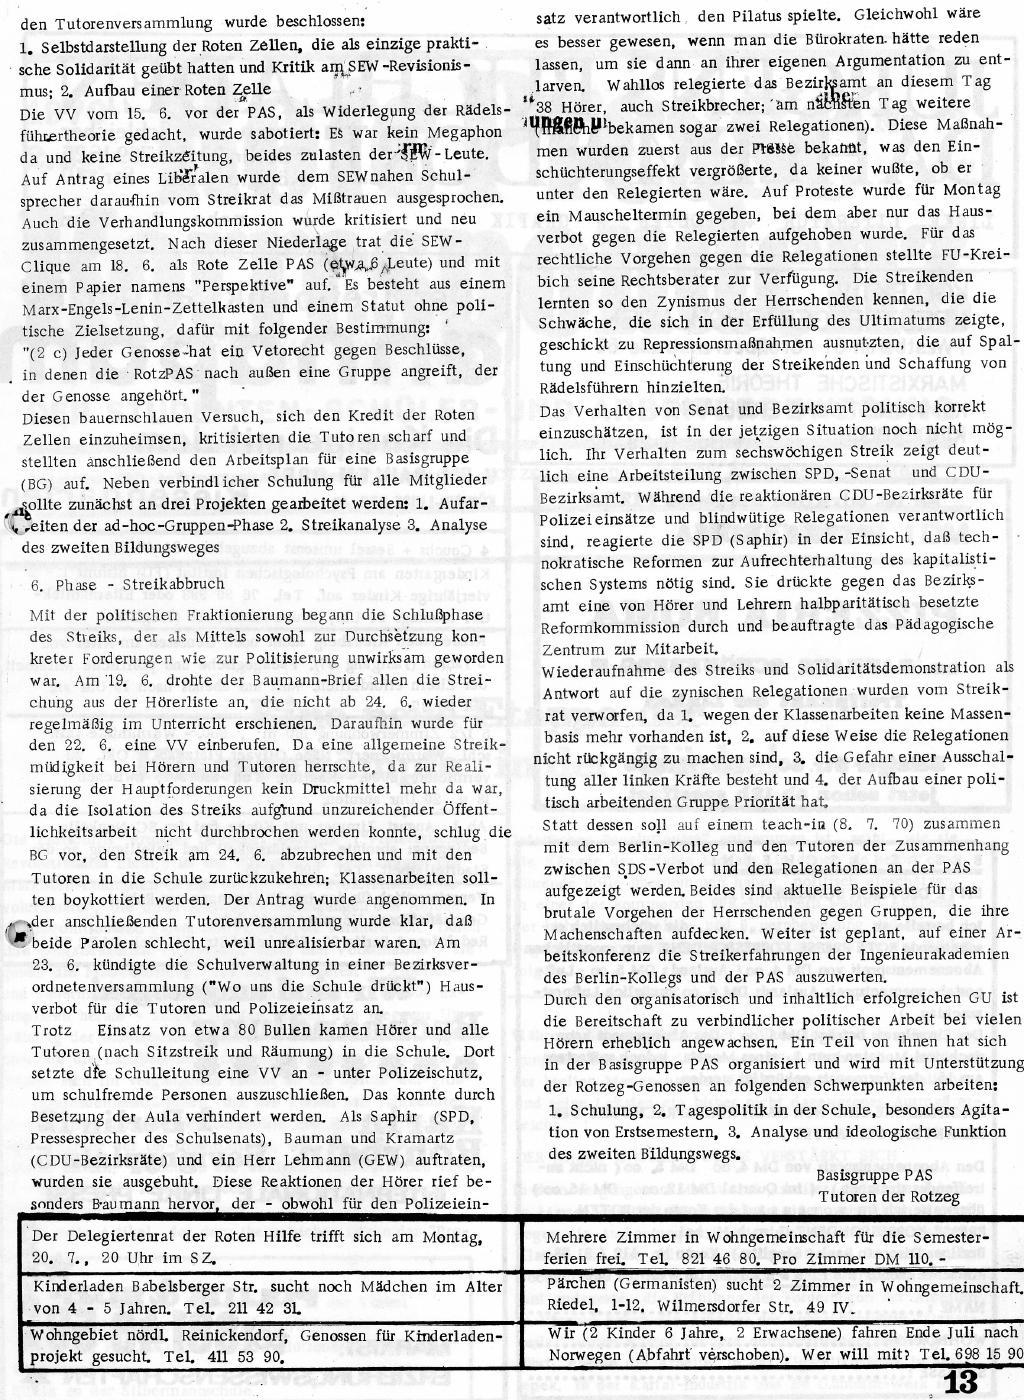 RPK_1970_072_13